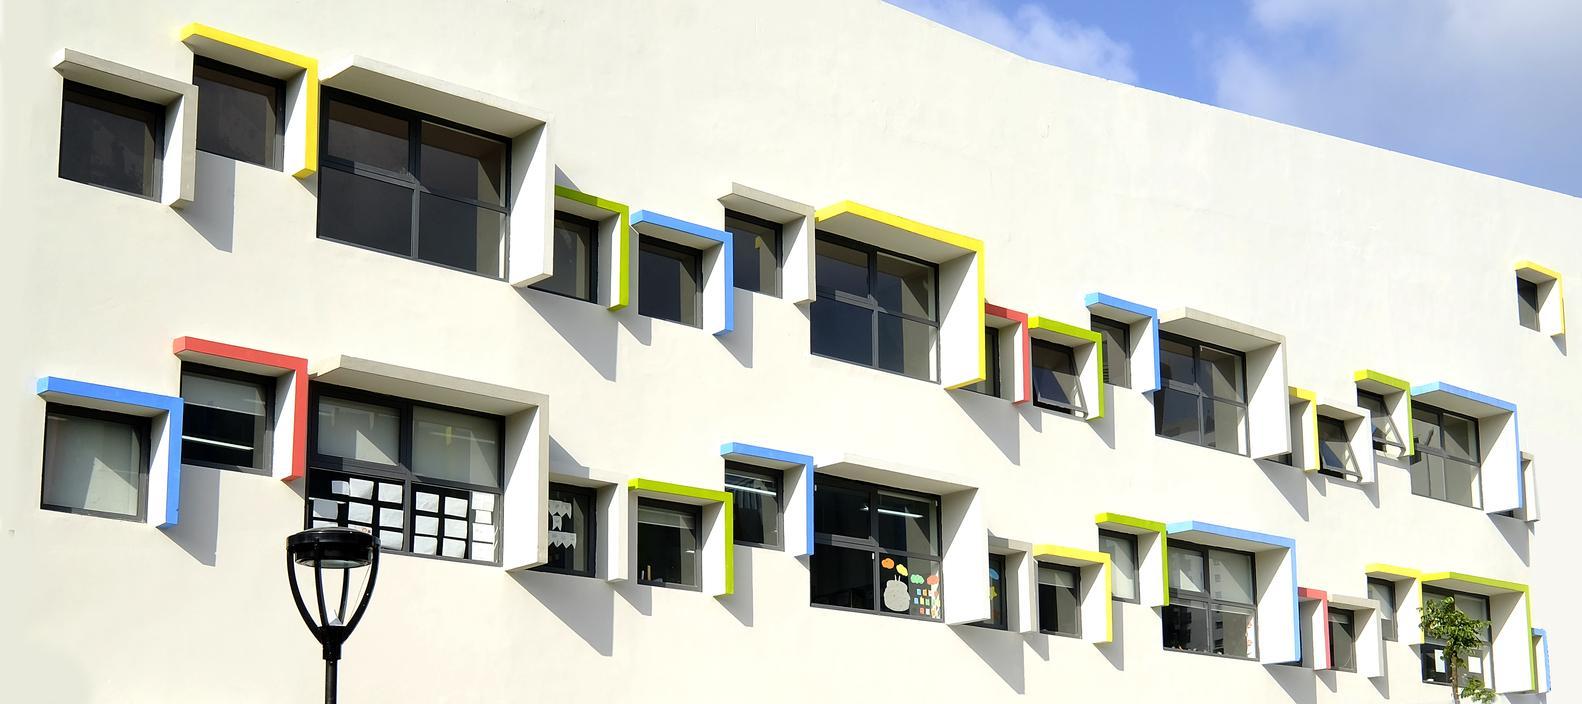 Những ô cửa sổ đầy màu sắc